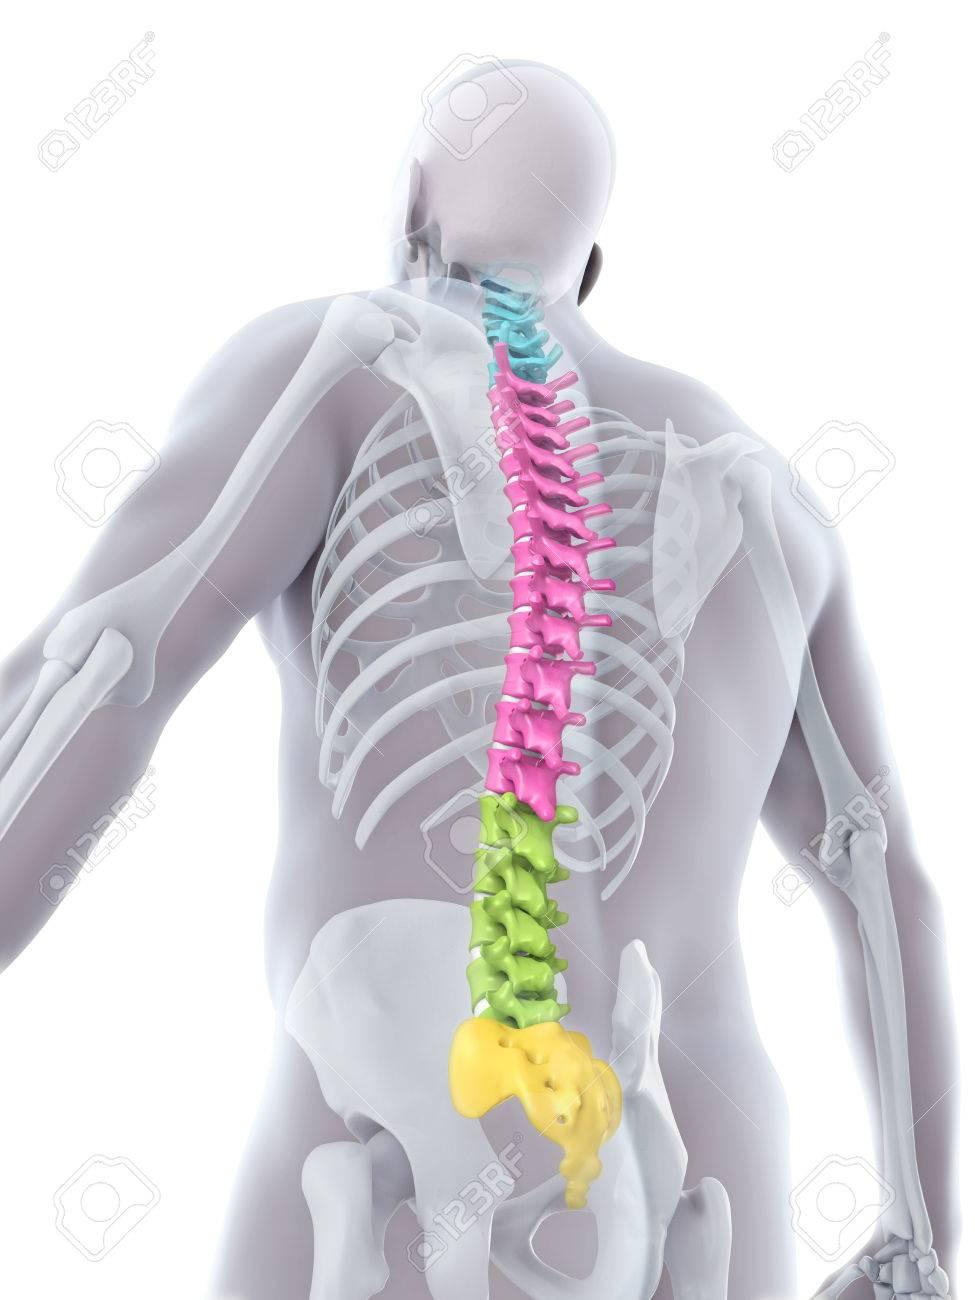 Menschliche Männliche Anatomie Der Wirbelsäule Lizenzfreie Fotos ...